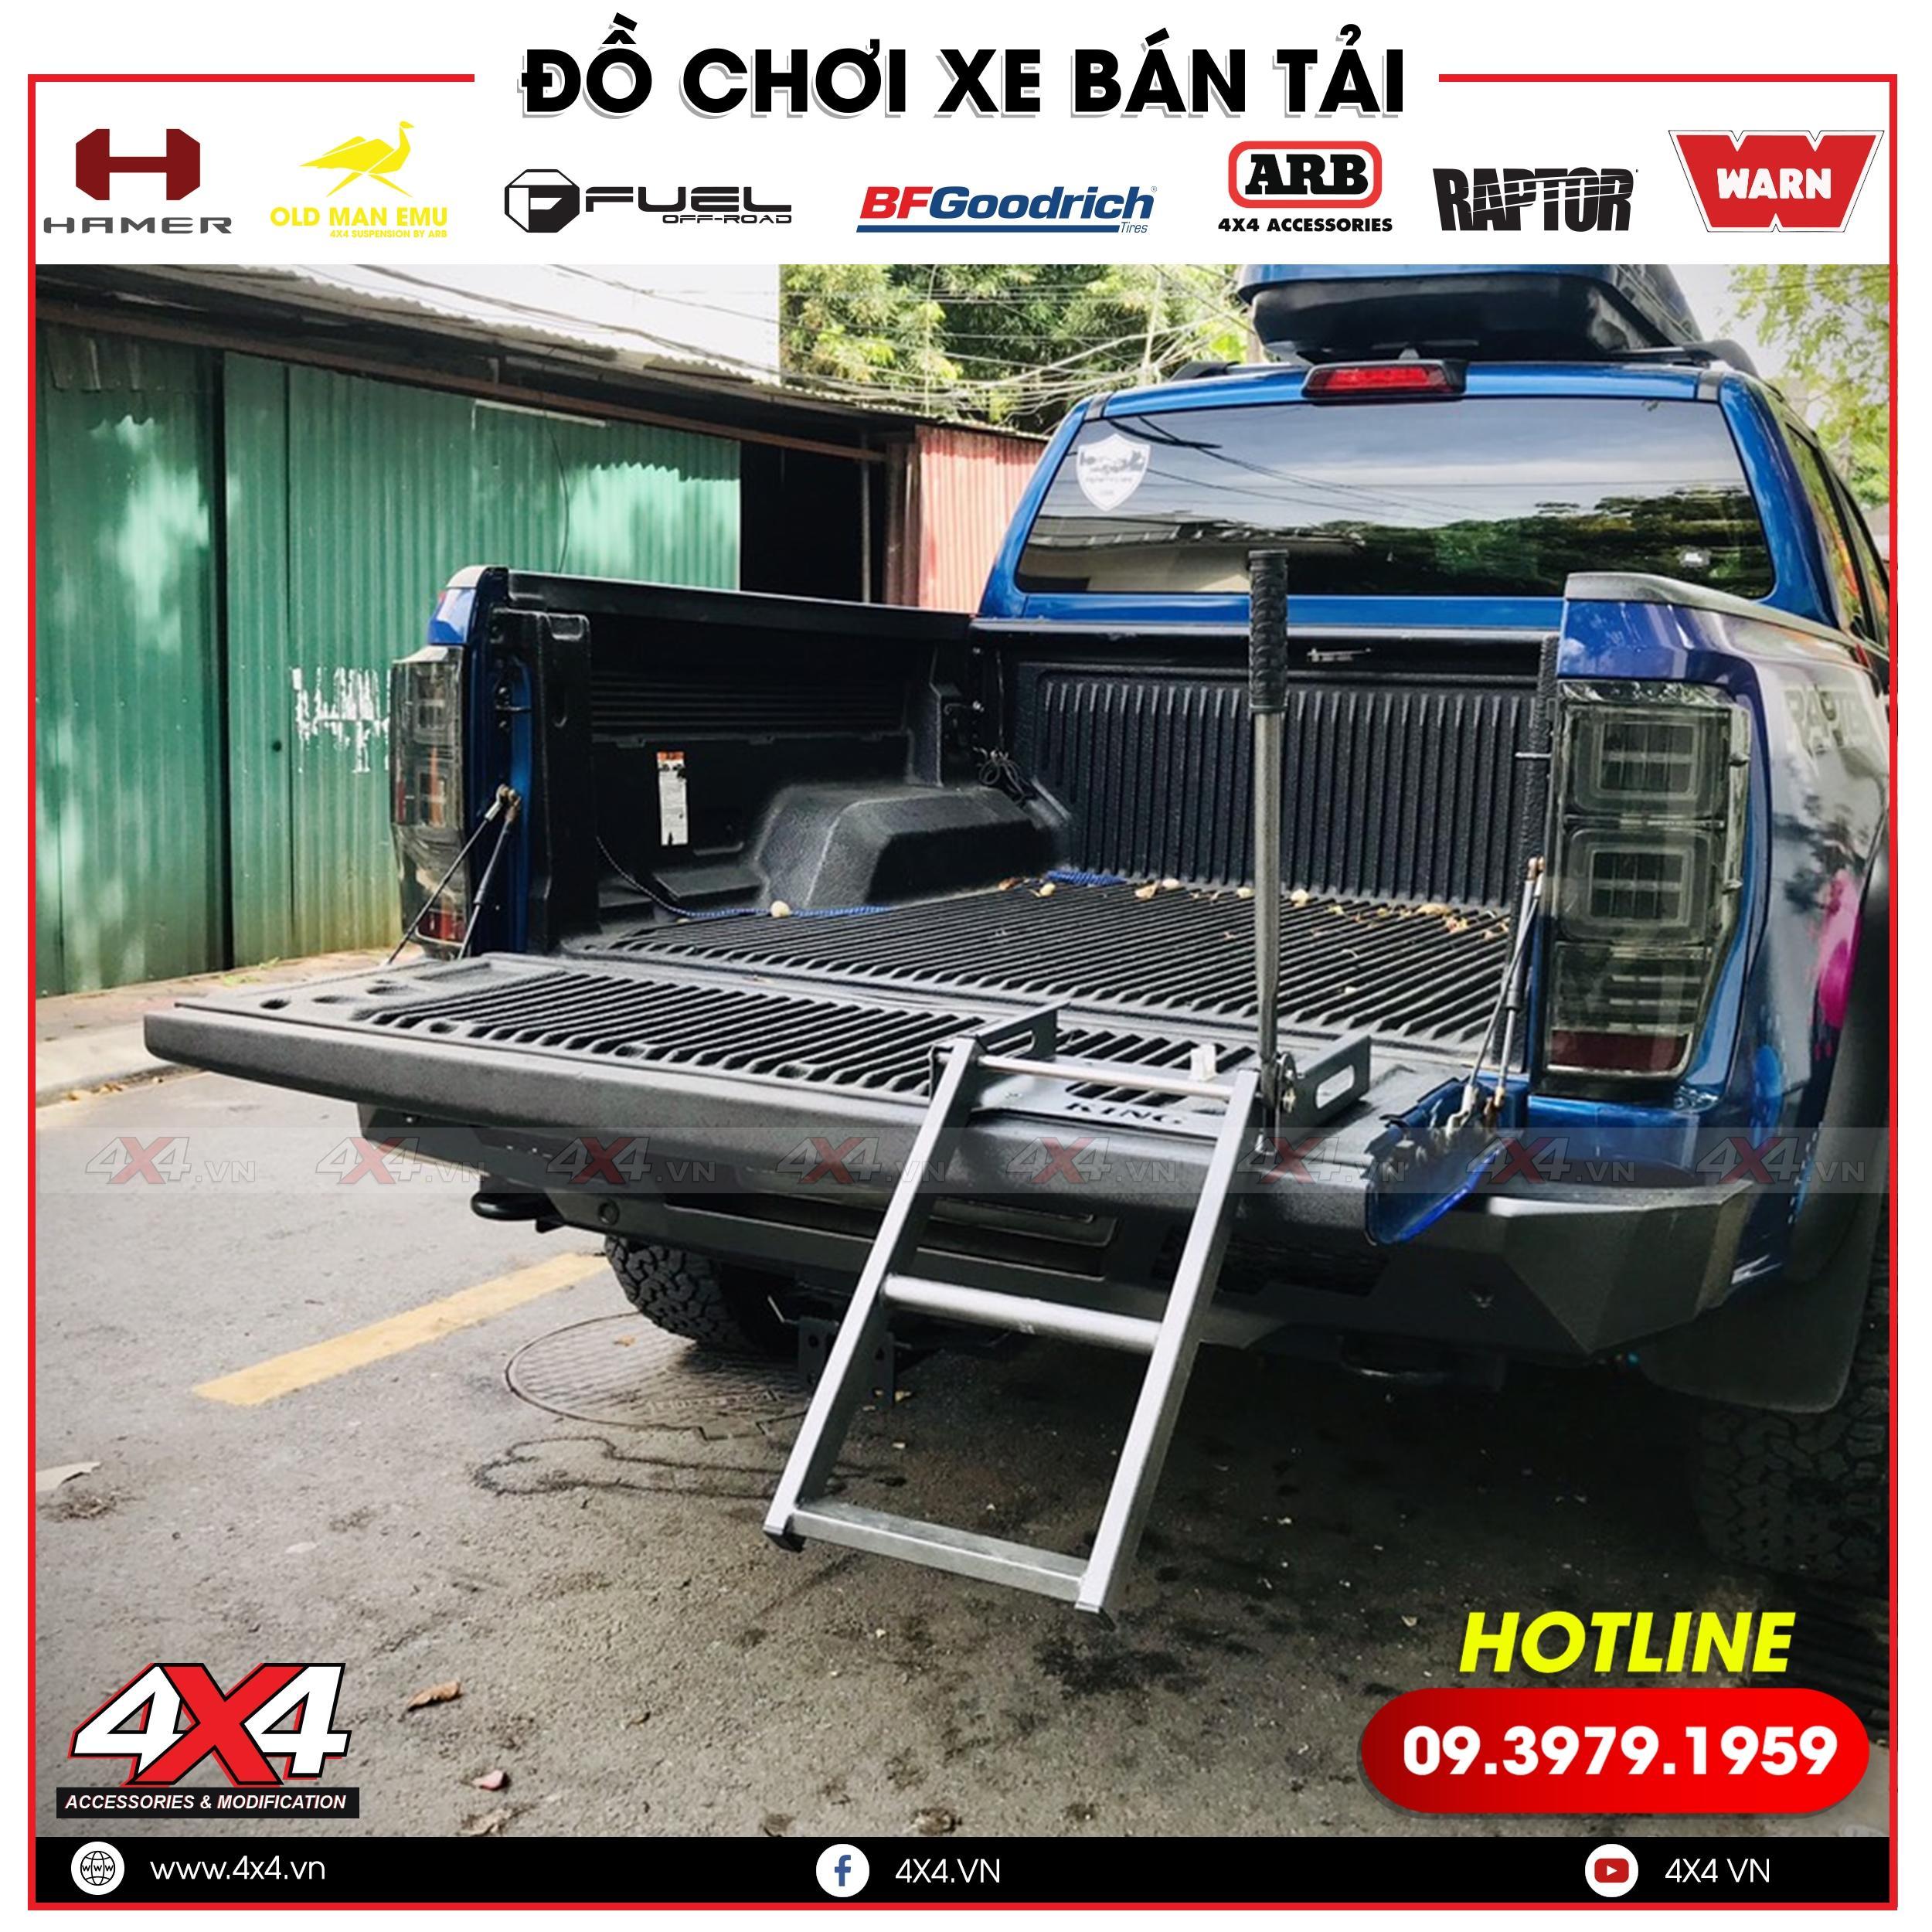 Thay bậc lên xuống thùng sau xe Bán tải nhiều tiện ích tại TP.HCM